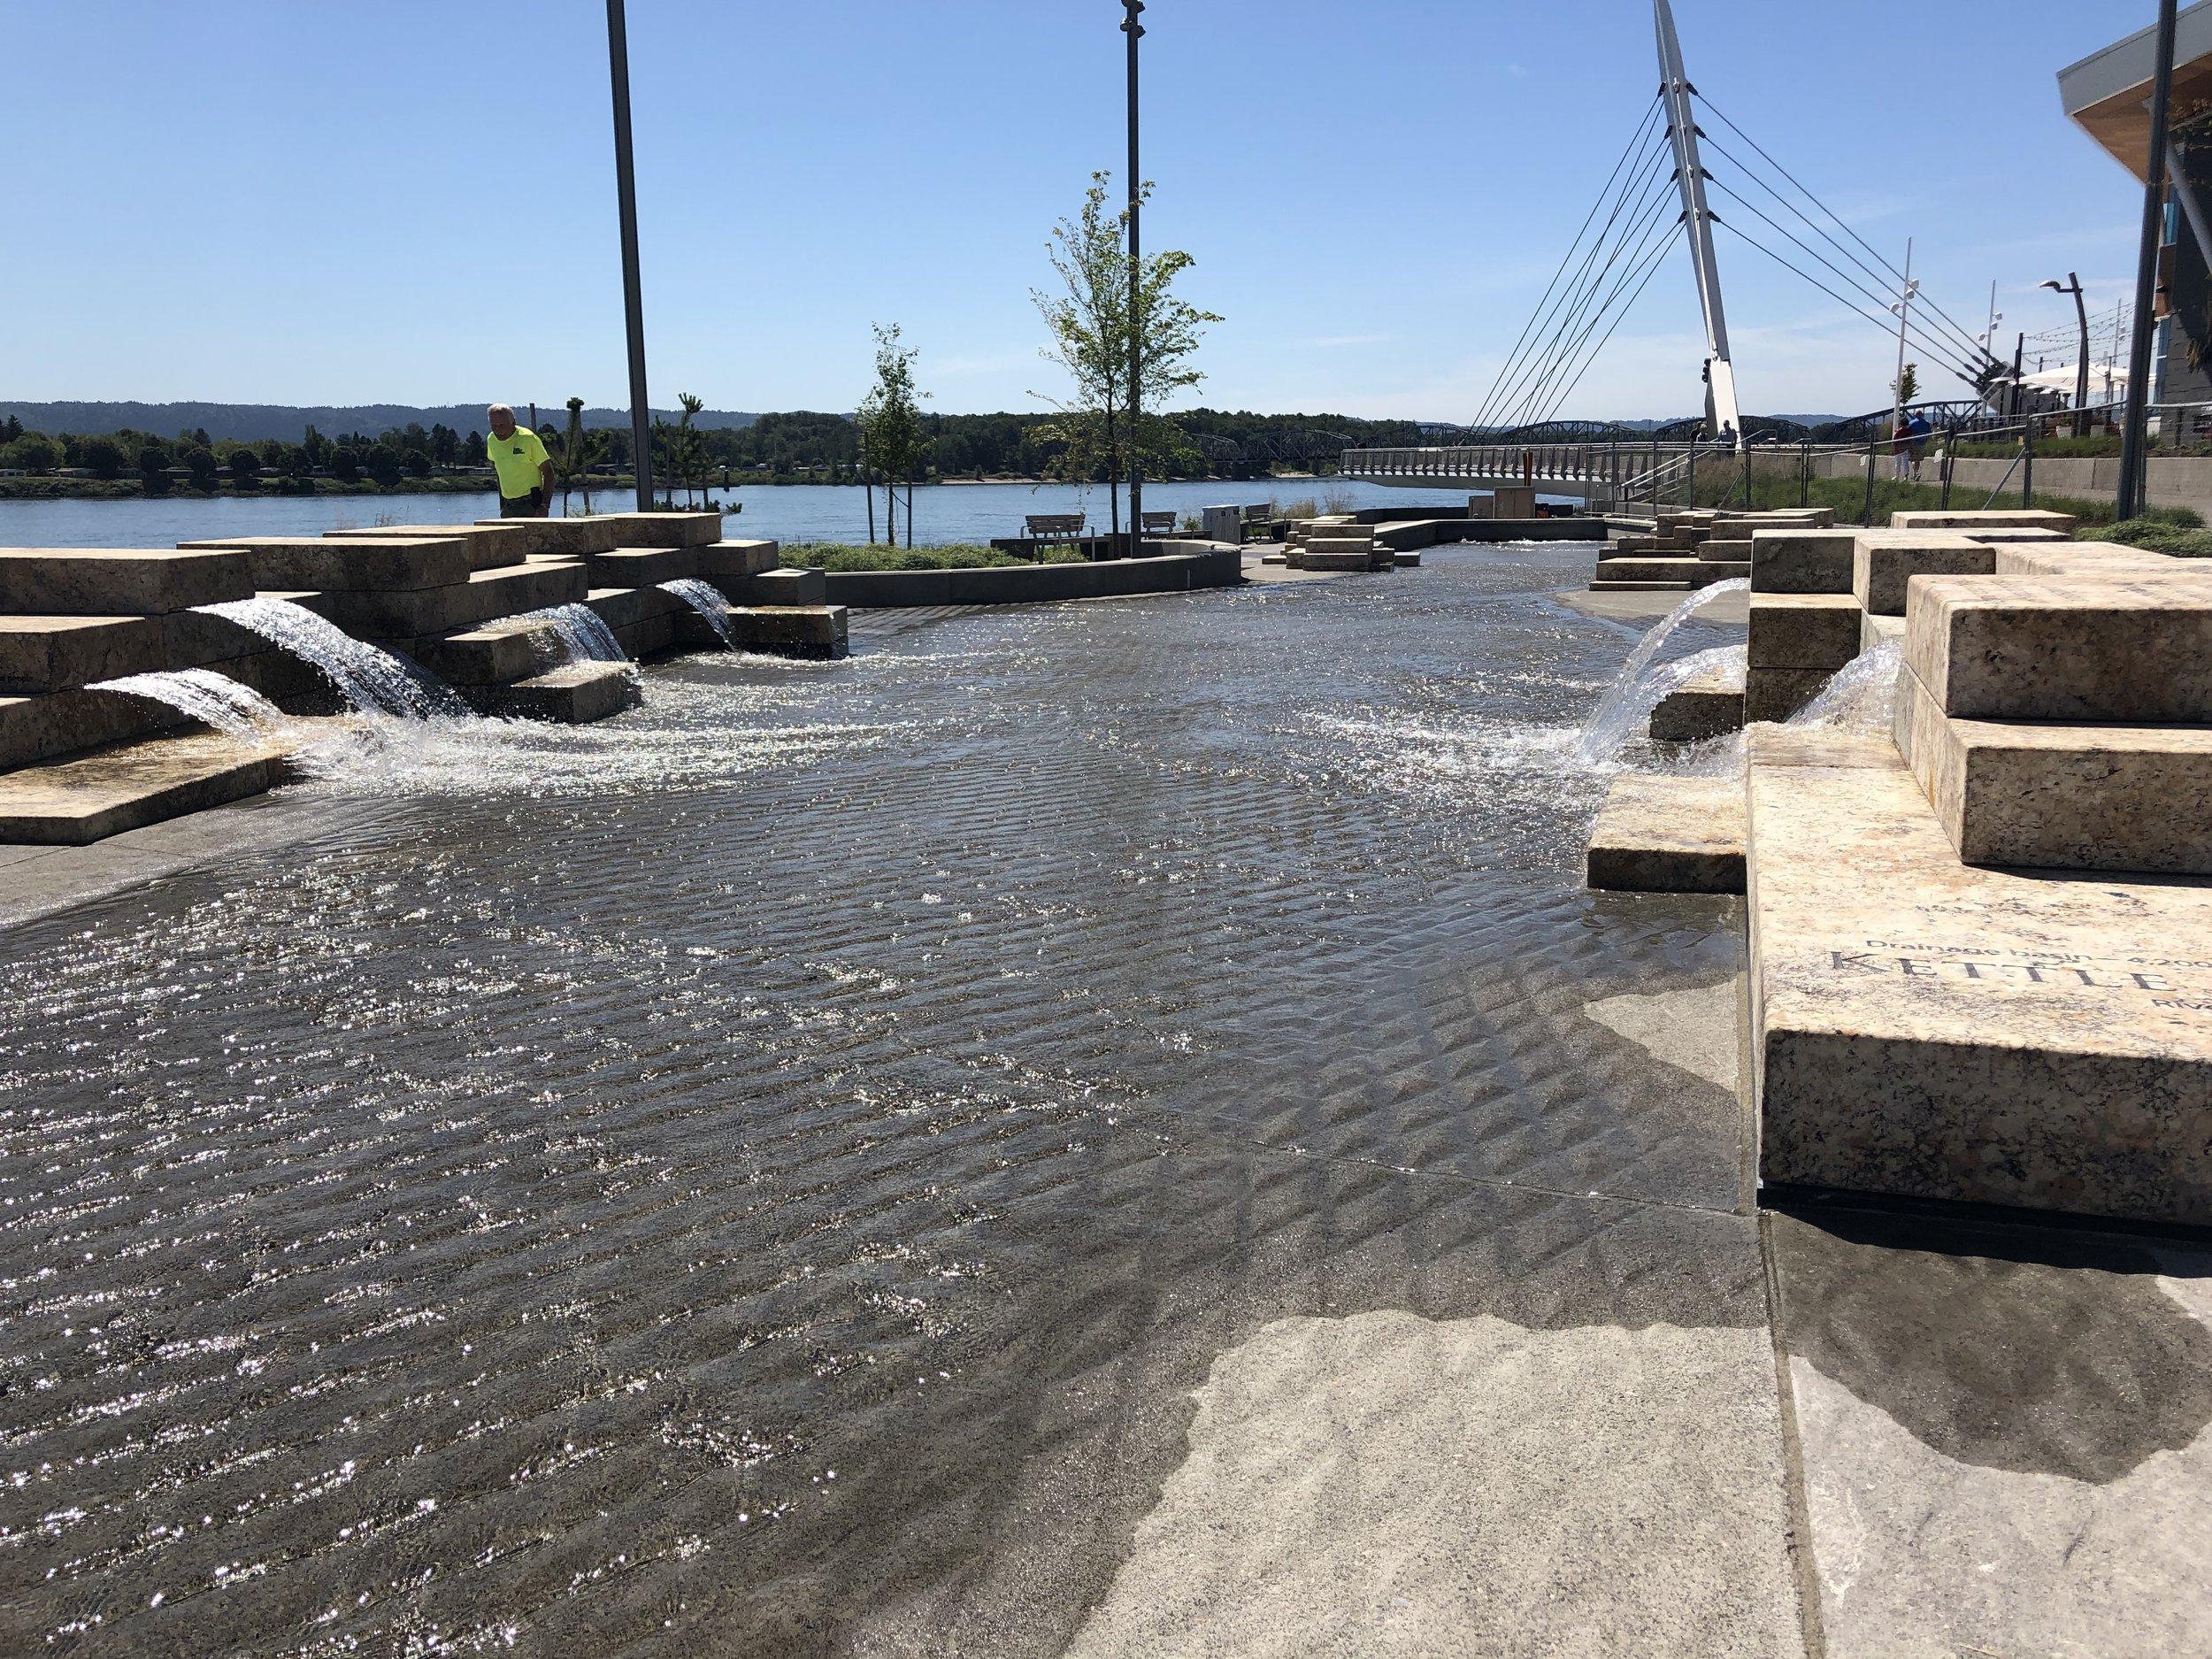 vancouver_waterfront park fountain_larry kirkland_public art services_j grant projects_17.jpg